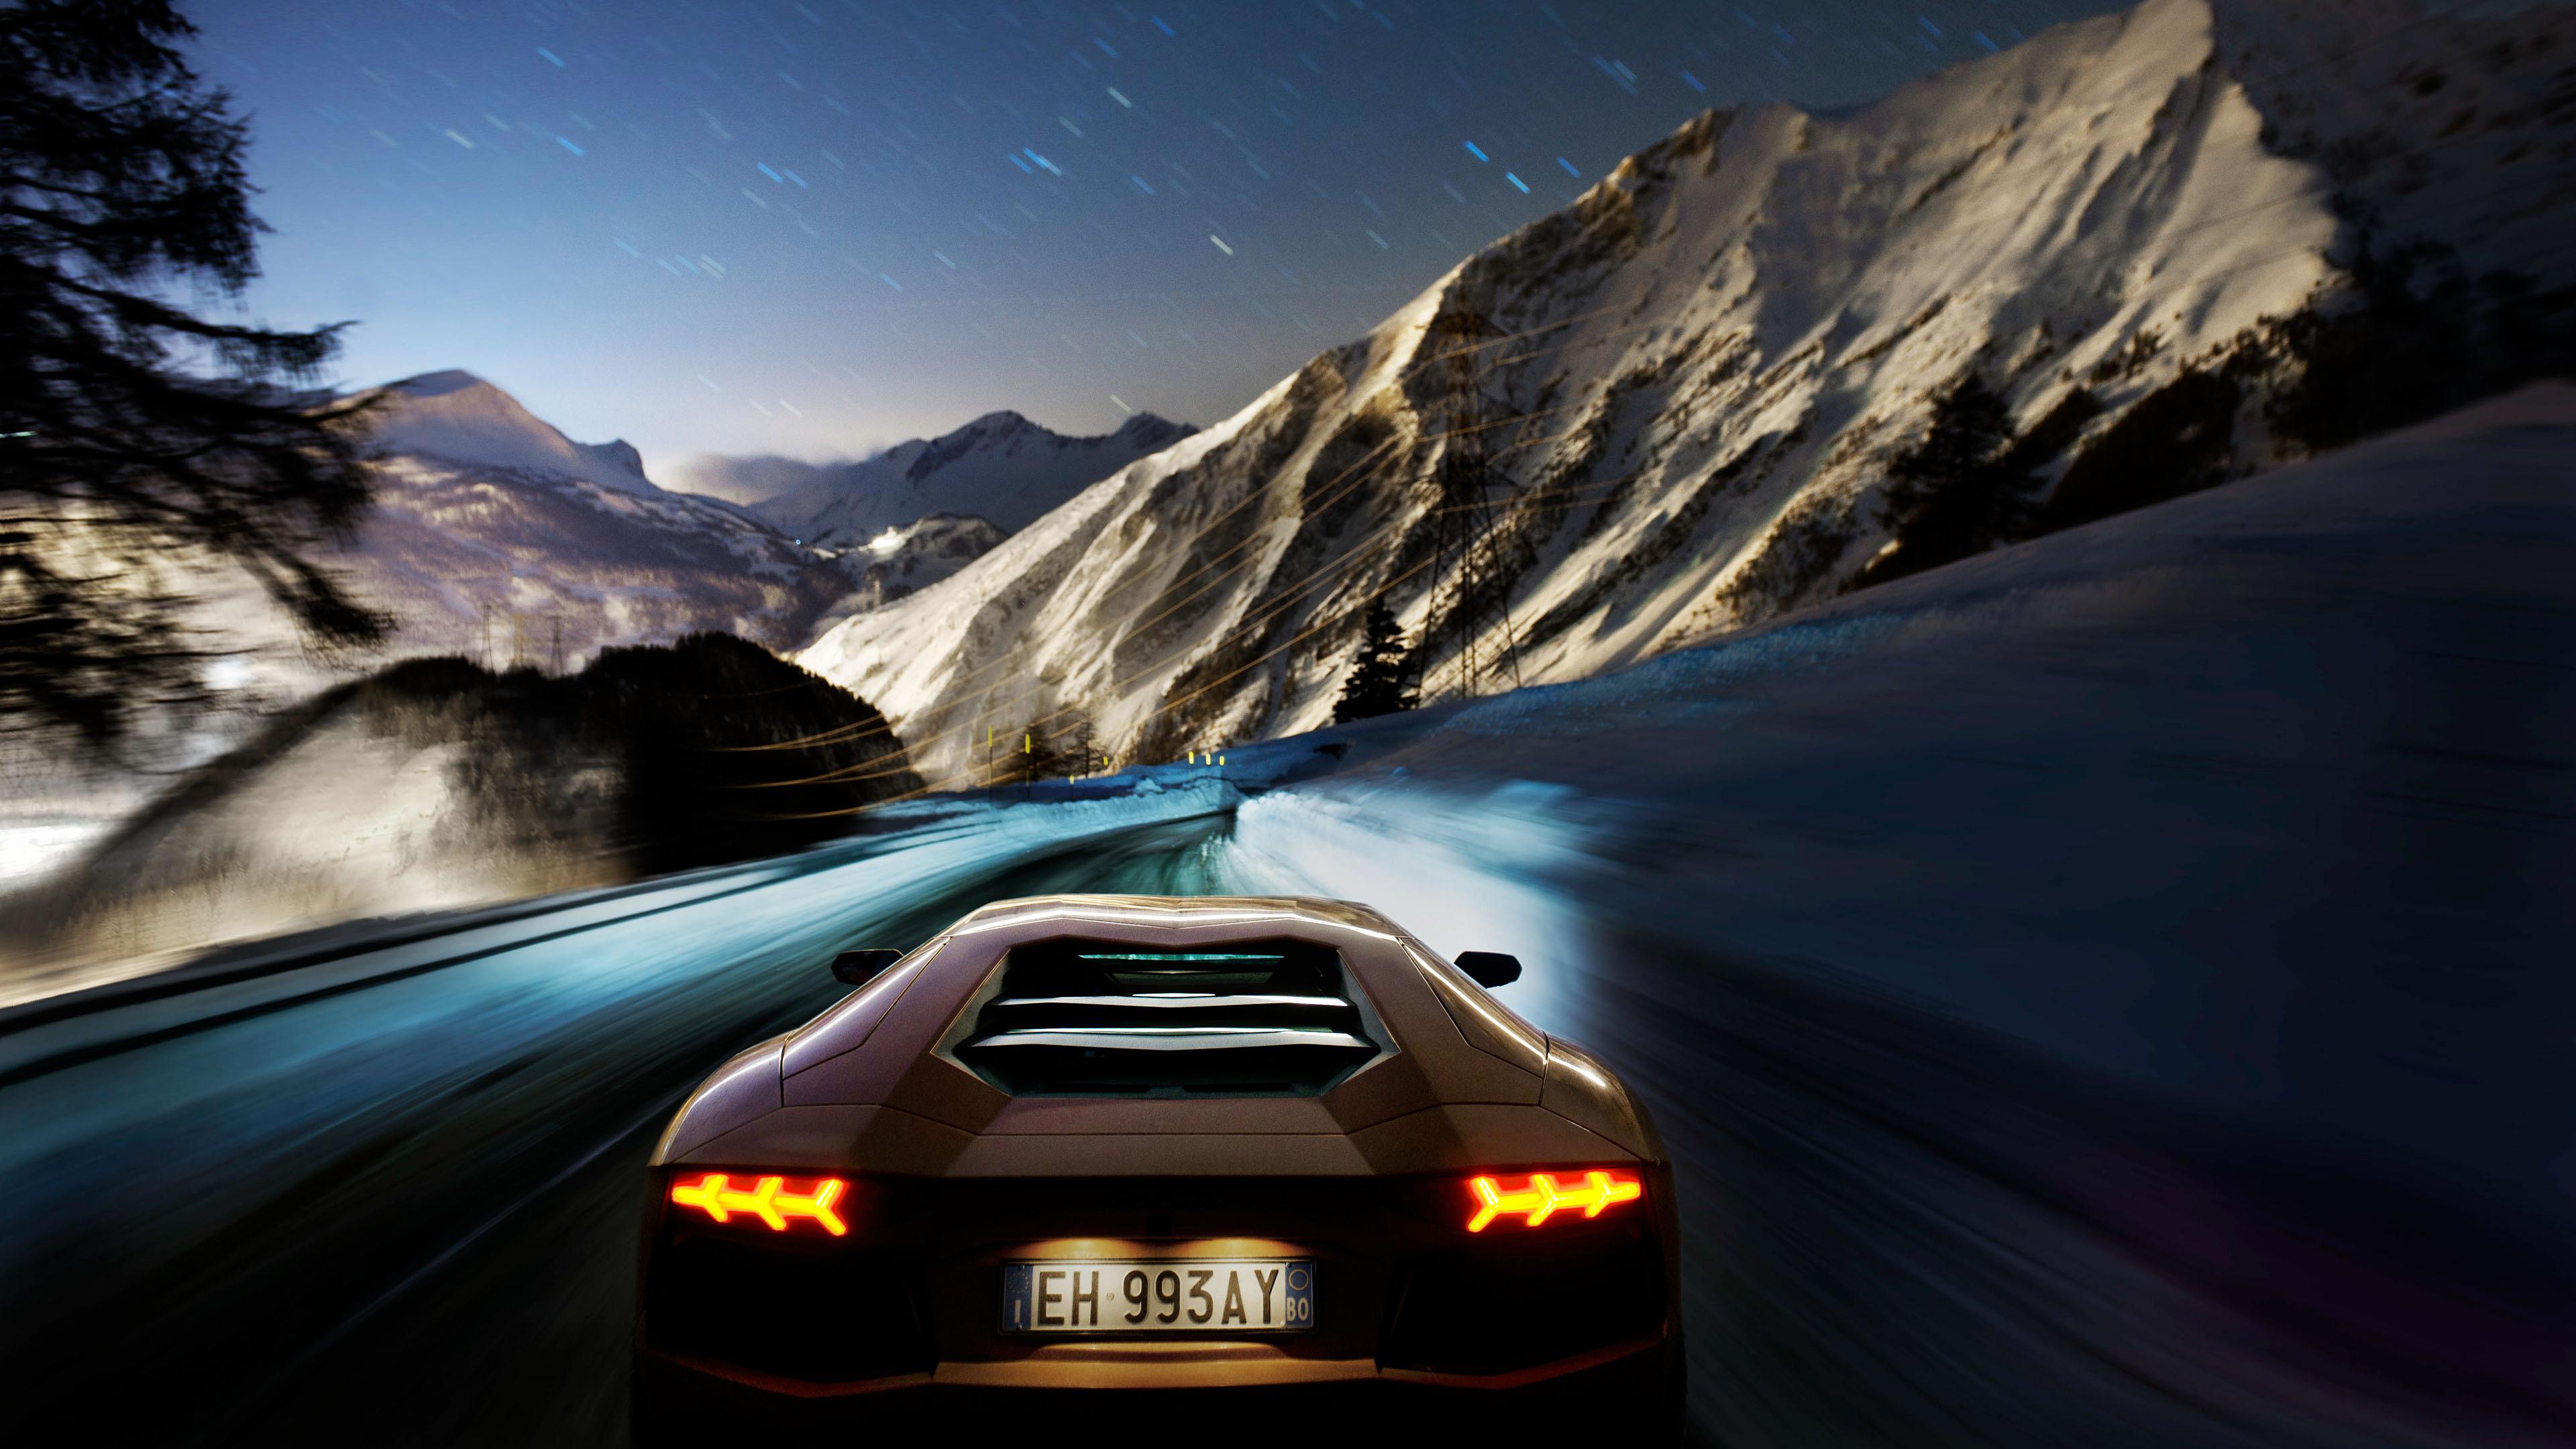 lamborghini aventador lp700 4 2018 rear 1539792744 - Lamborghini Aventador LP700 4 2018 Rear - lamborghini wallpapers, lamborghini aventador wallpapers, hd-wallpapers, cars wallpapers, behance wallpapers, 4k-wallpapers